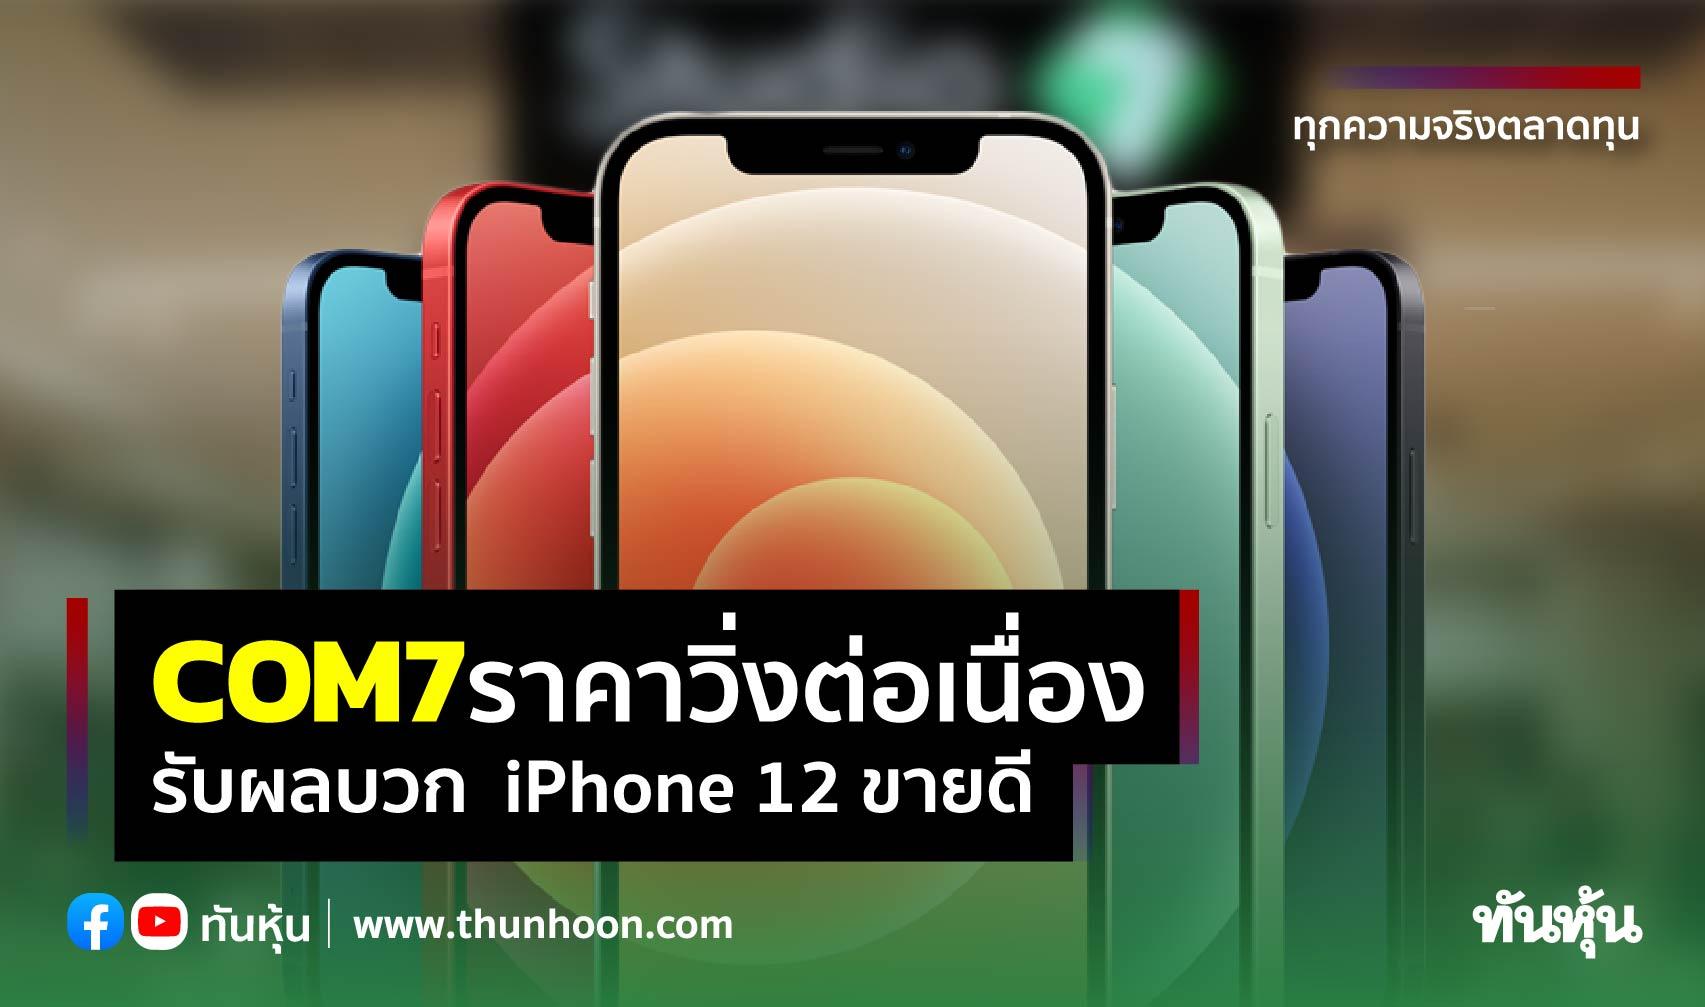 COM7 ราคาดีดแรง 2 วันติด โบรกฯ คาดกำไรปี 64 โตรับผลบวก  iPhone 12 ขายดี